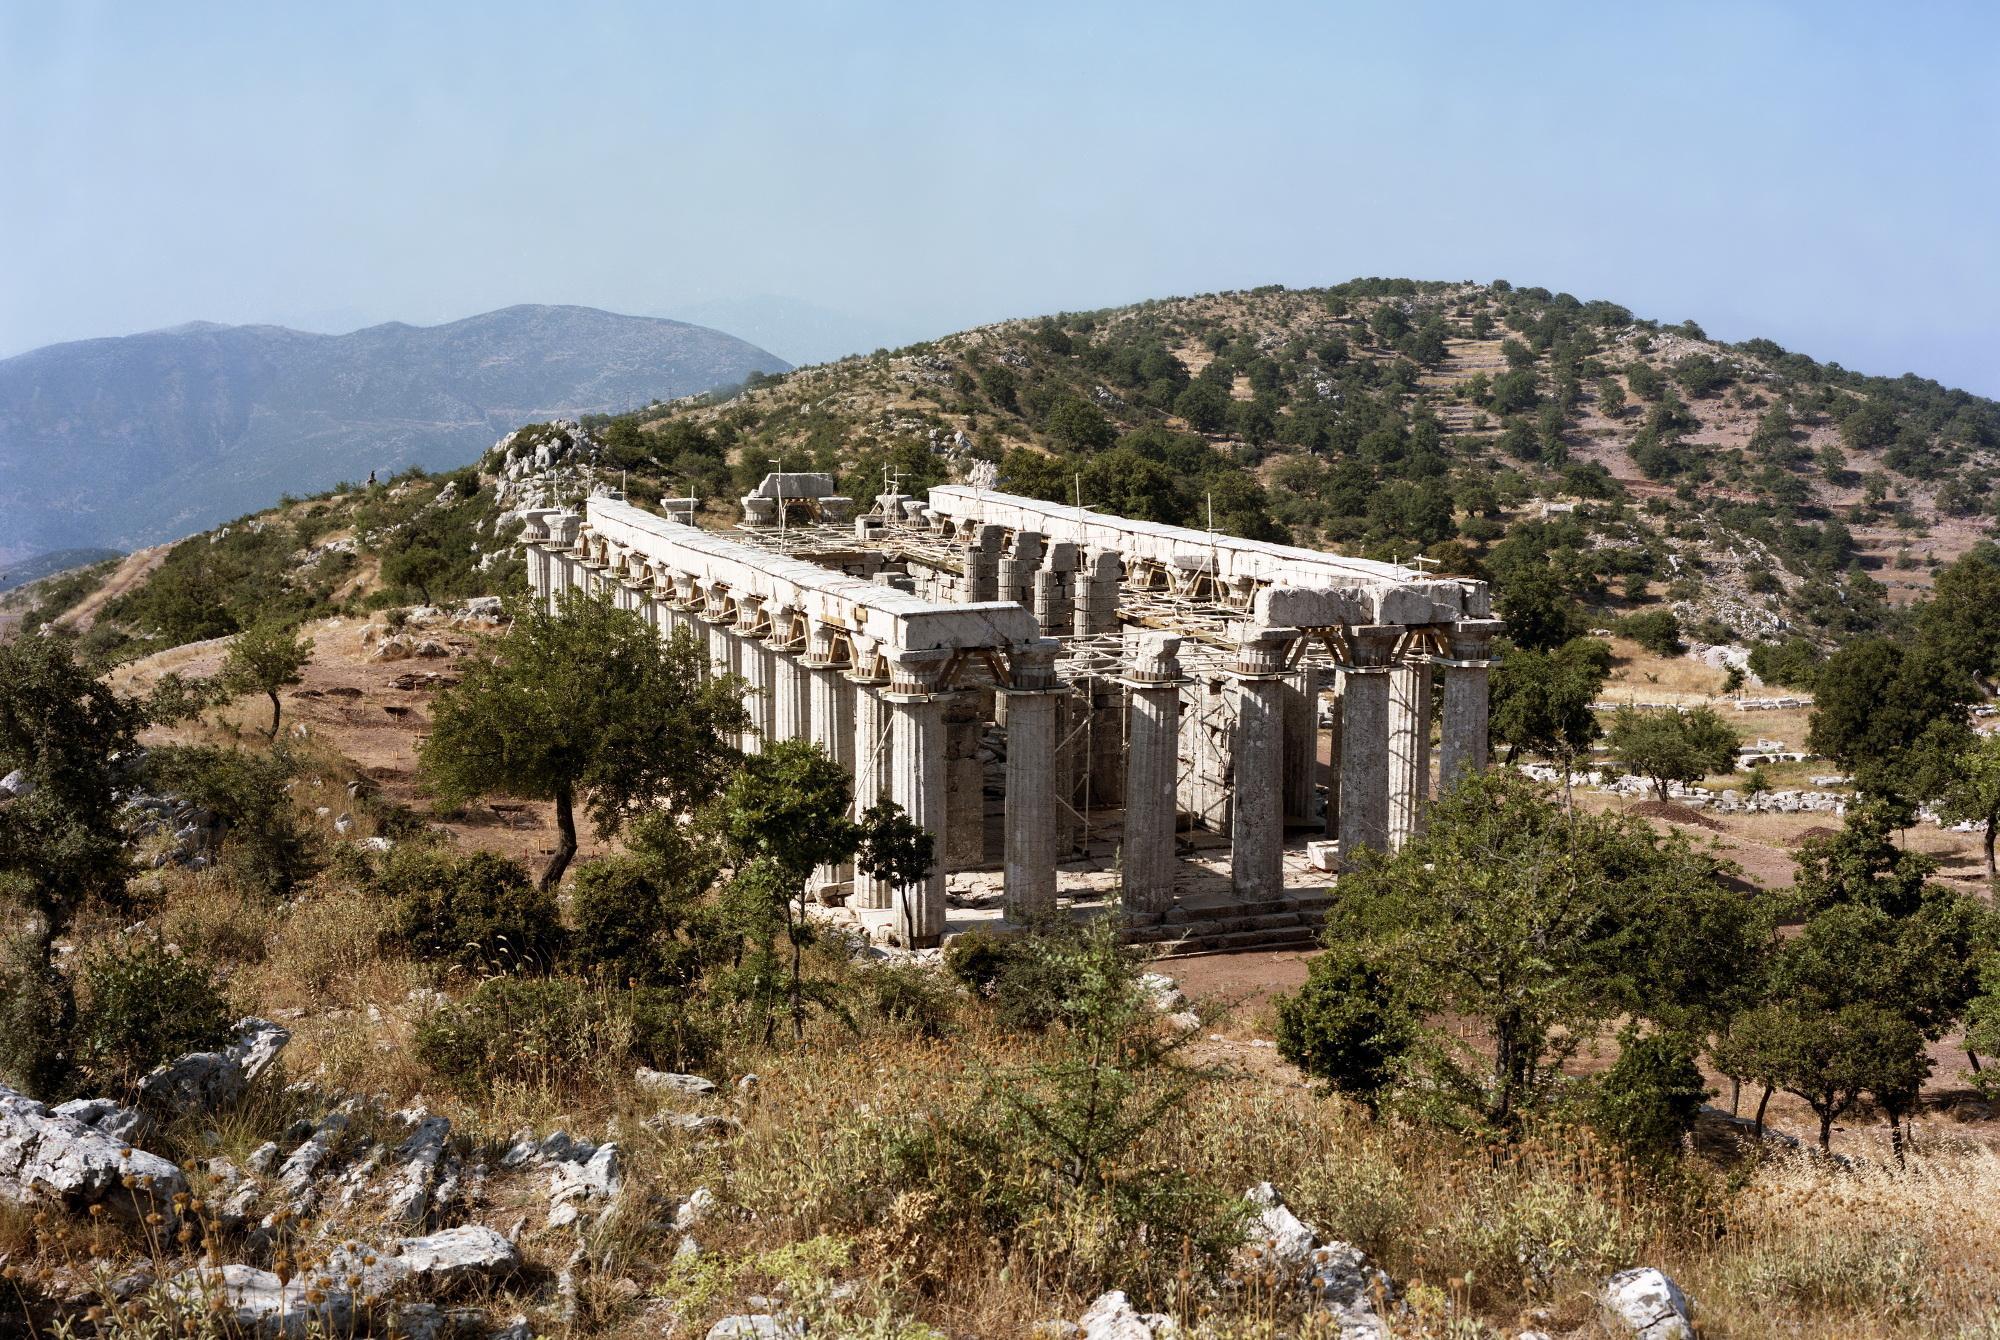 Le Temple d'Apollon Epikourios est le seul temple de l'Antiquité à combiner trois ordres architecturaux : les styles dorique, ionique et corinthien. © Hellenic Ministry of Culture and Sports / Ephorate of Antiquities of Ilia